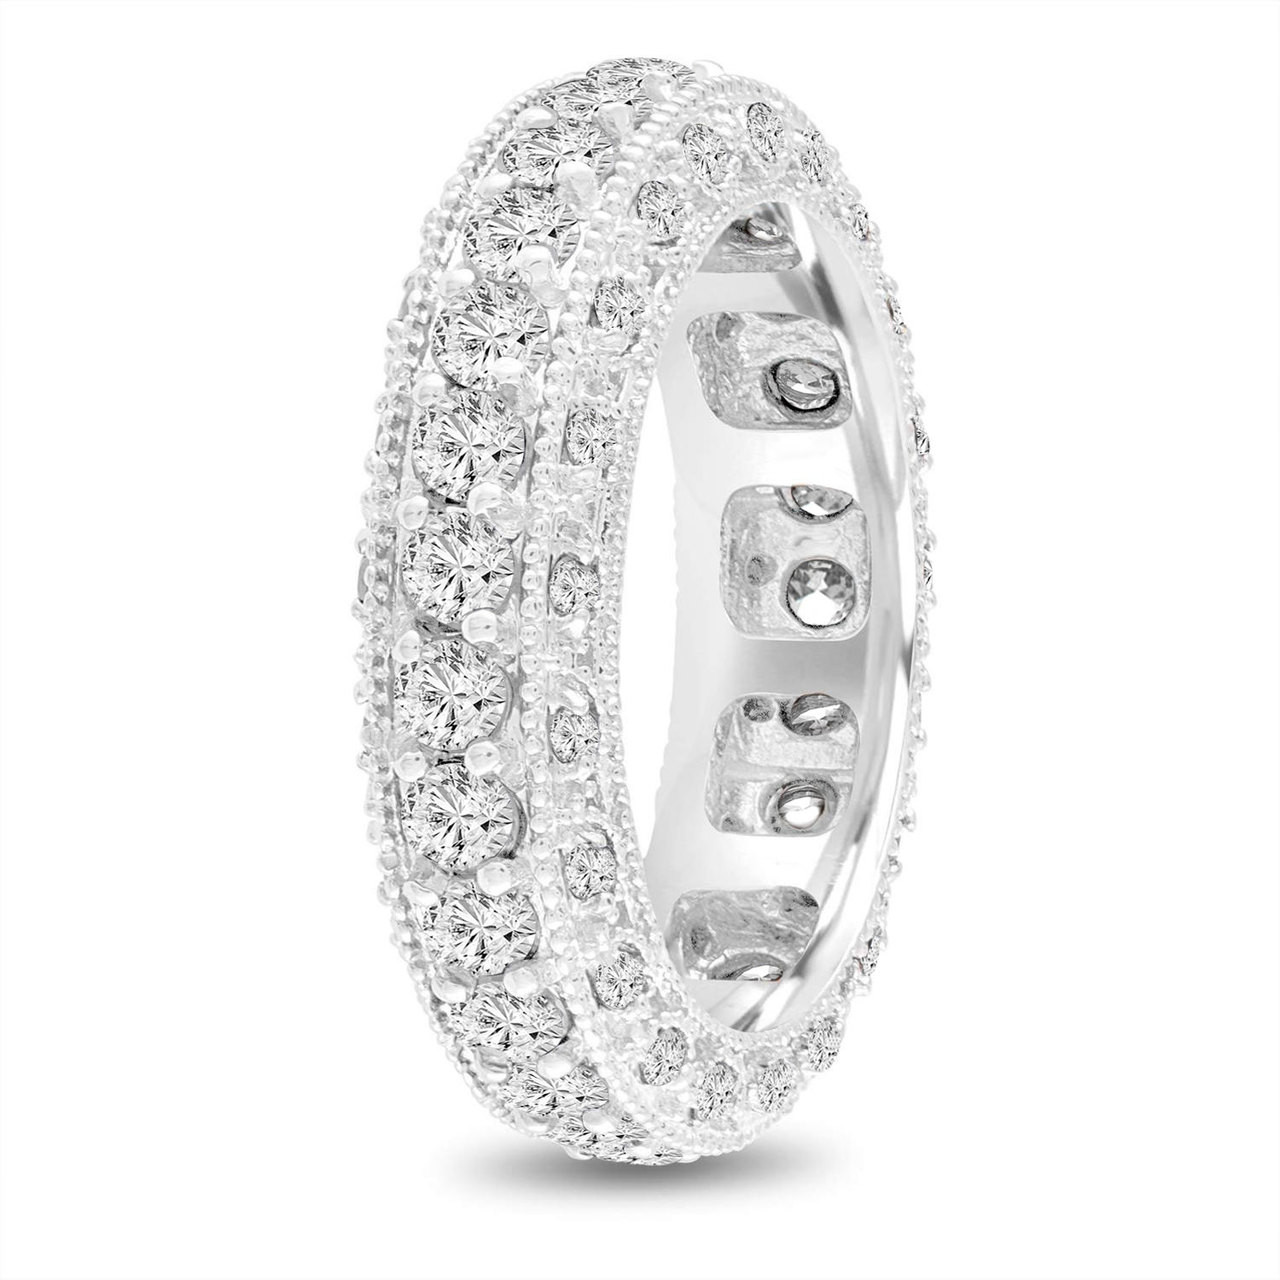 Wedding Rings For Men.Platinum Eternity Diamond Wedding Band Mens Diamond Wedding Ring Vintage Wedding Band 6 Mm Unique Wedding Band 2 50 Carat Handmade